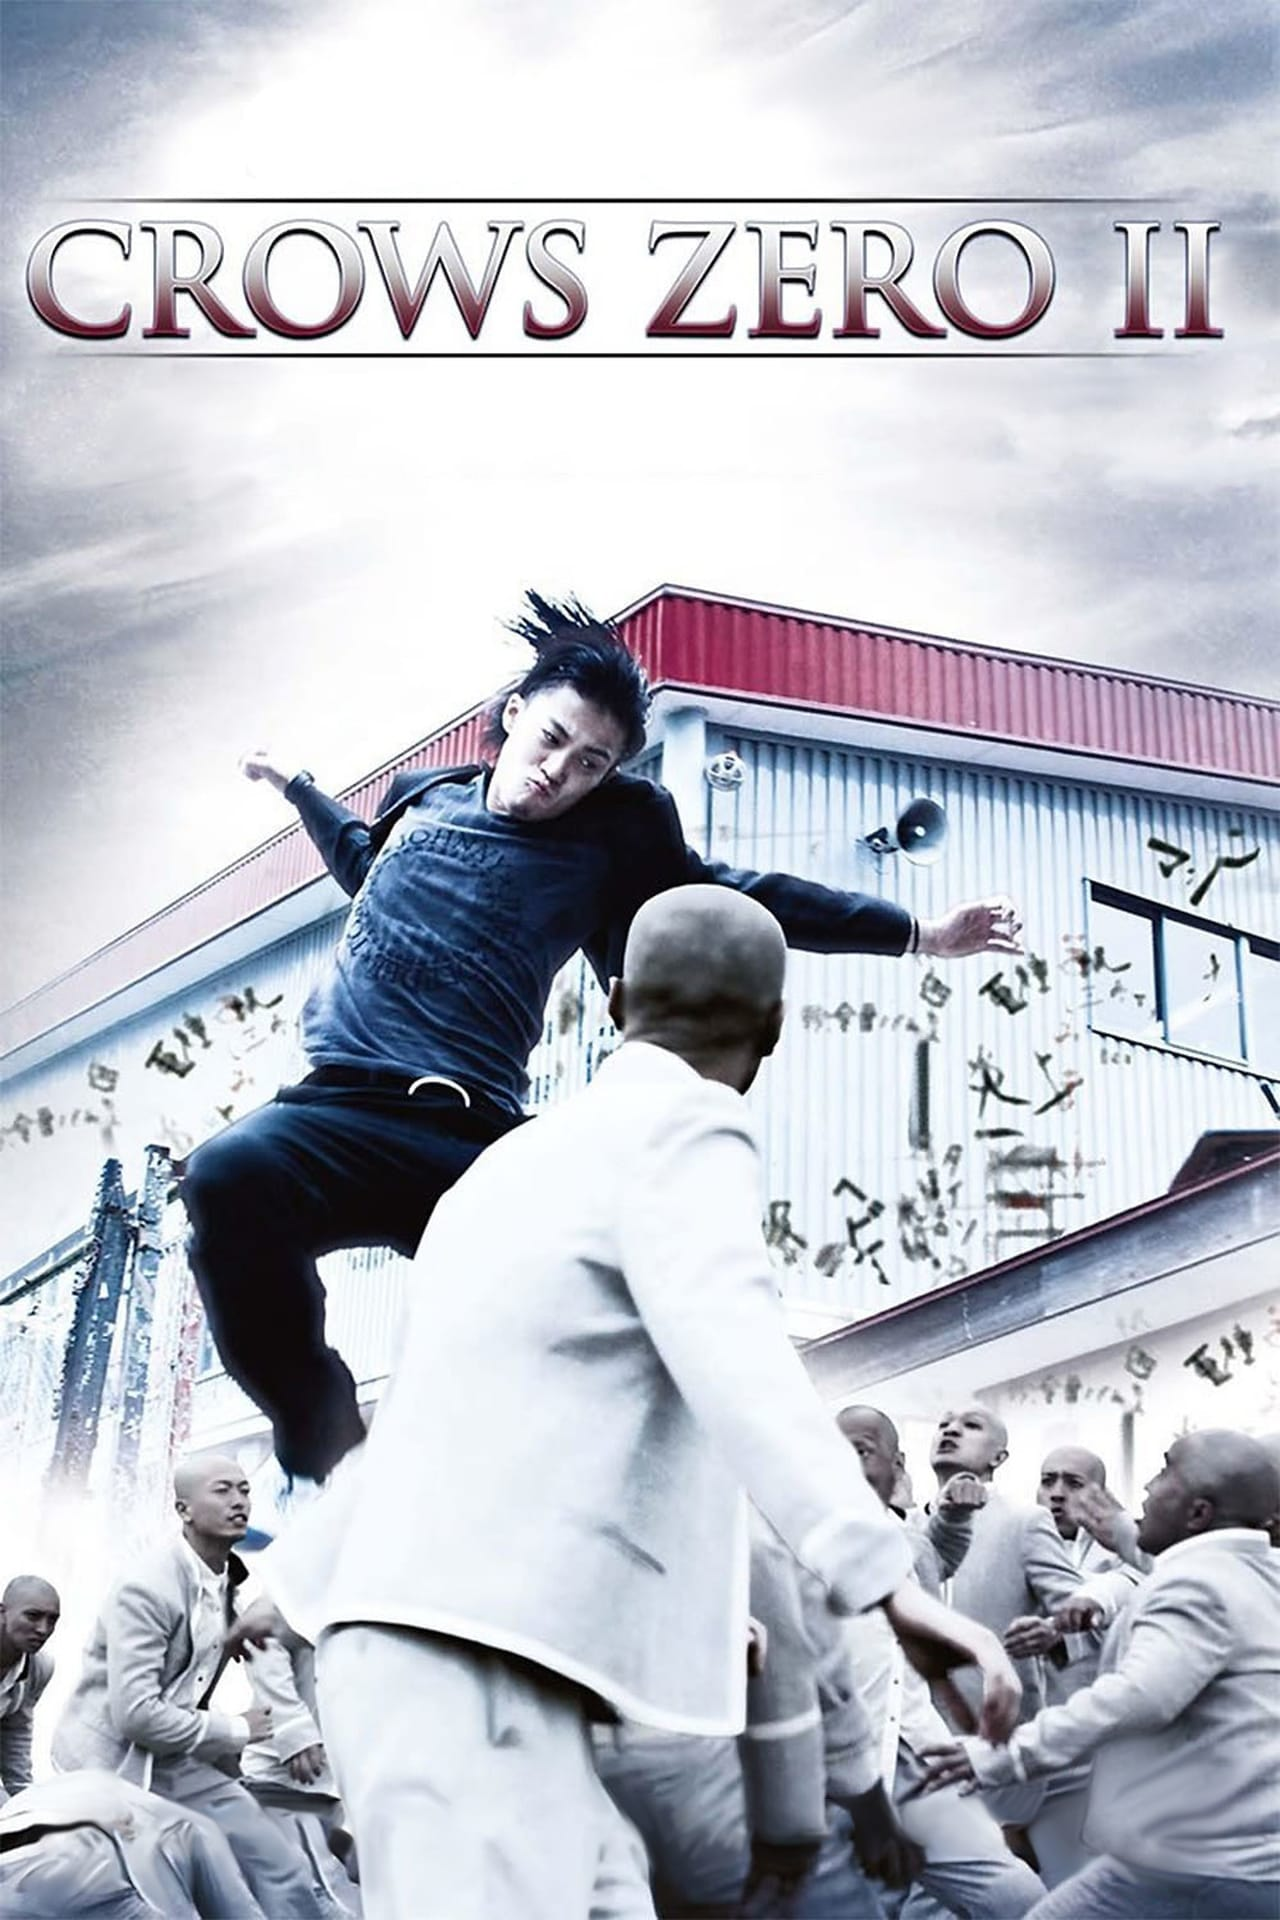 Crows Zero II (2009)